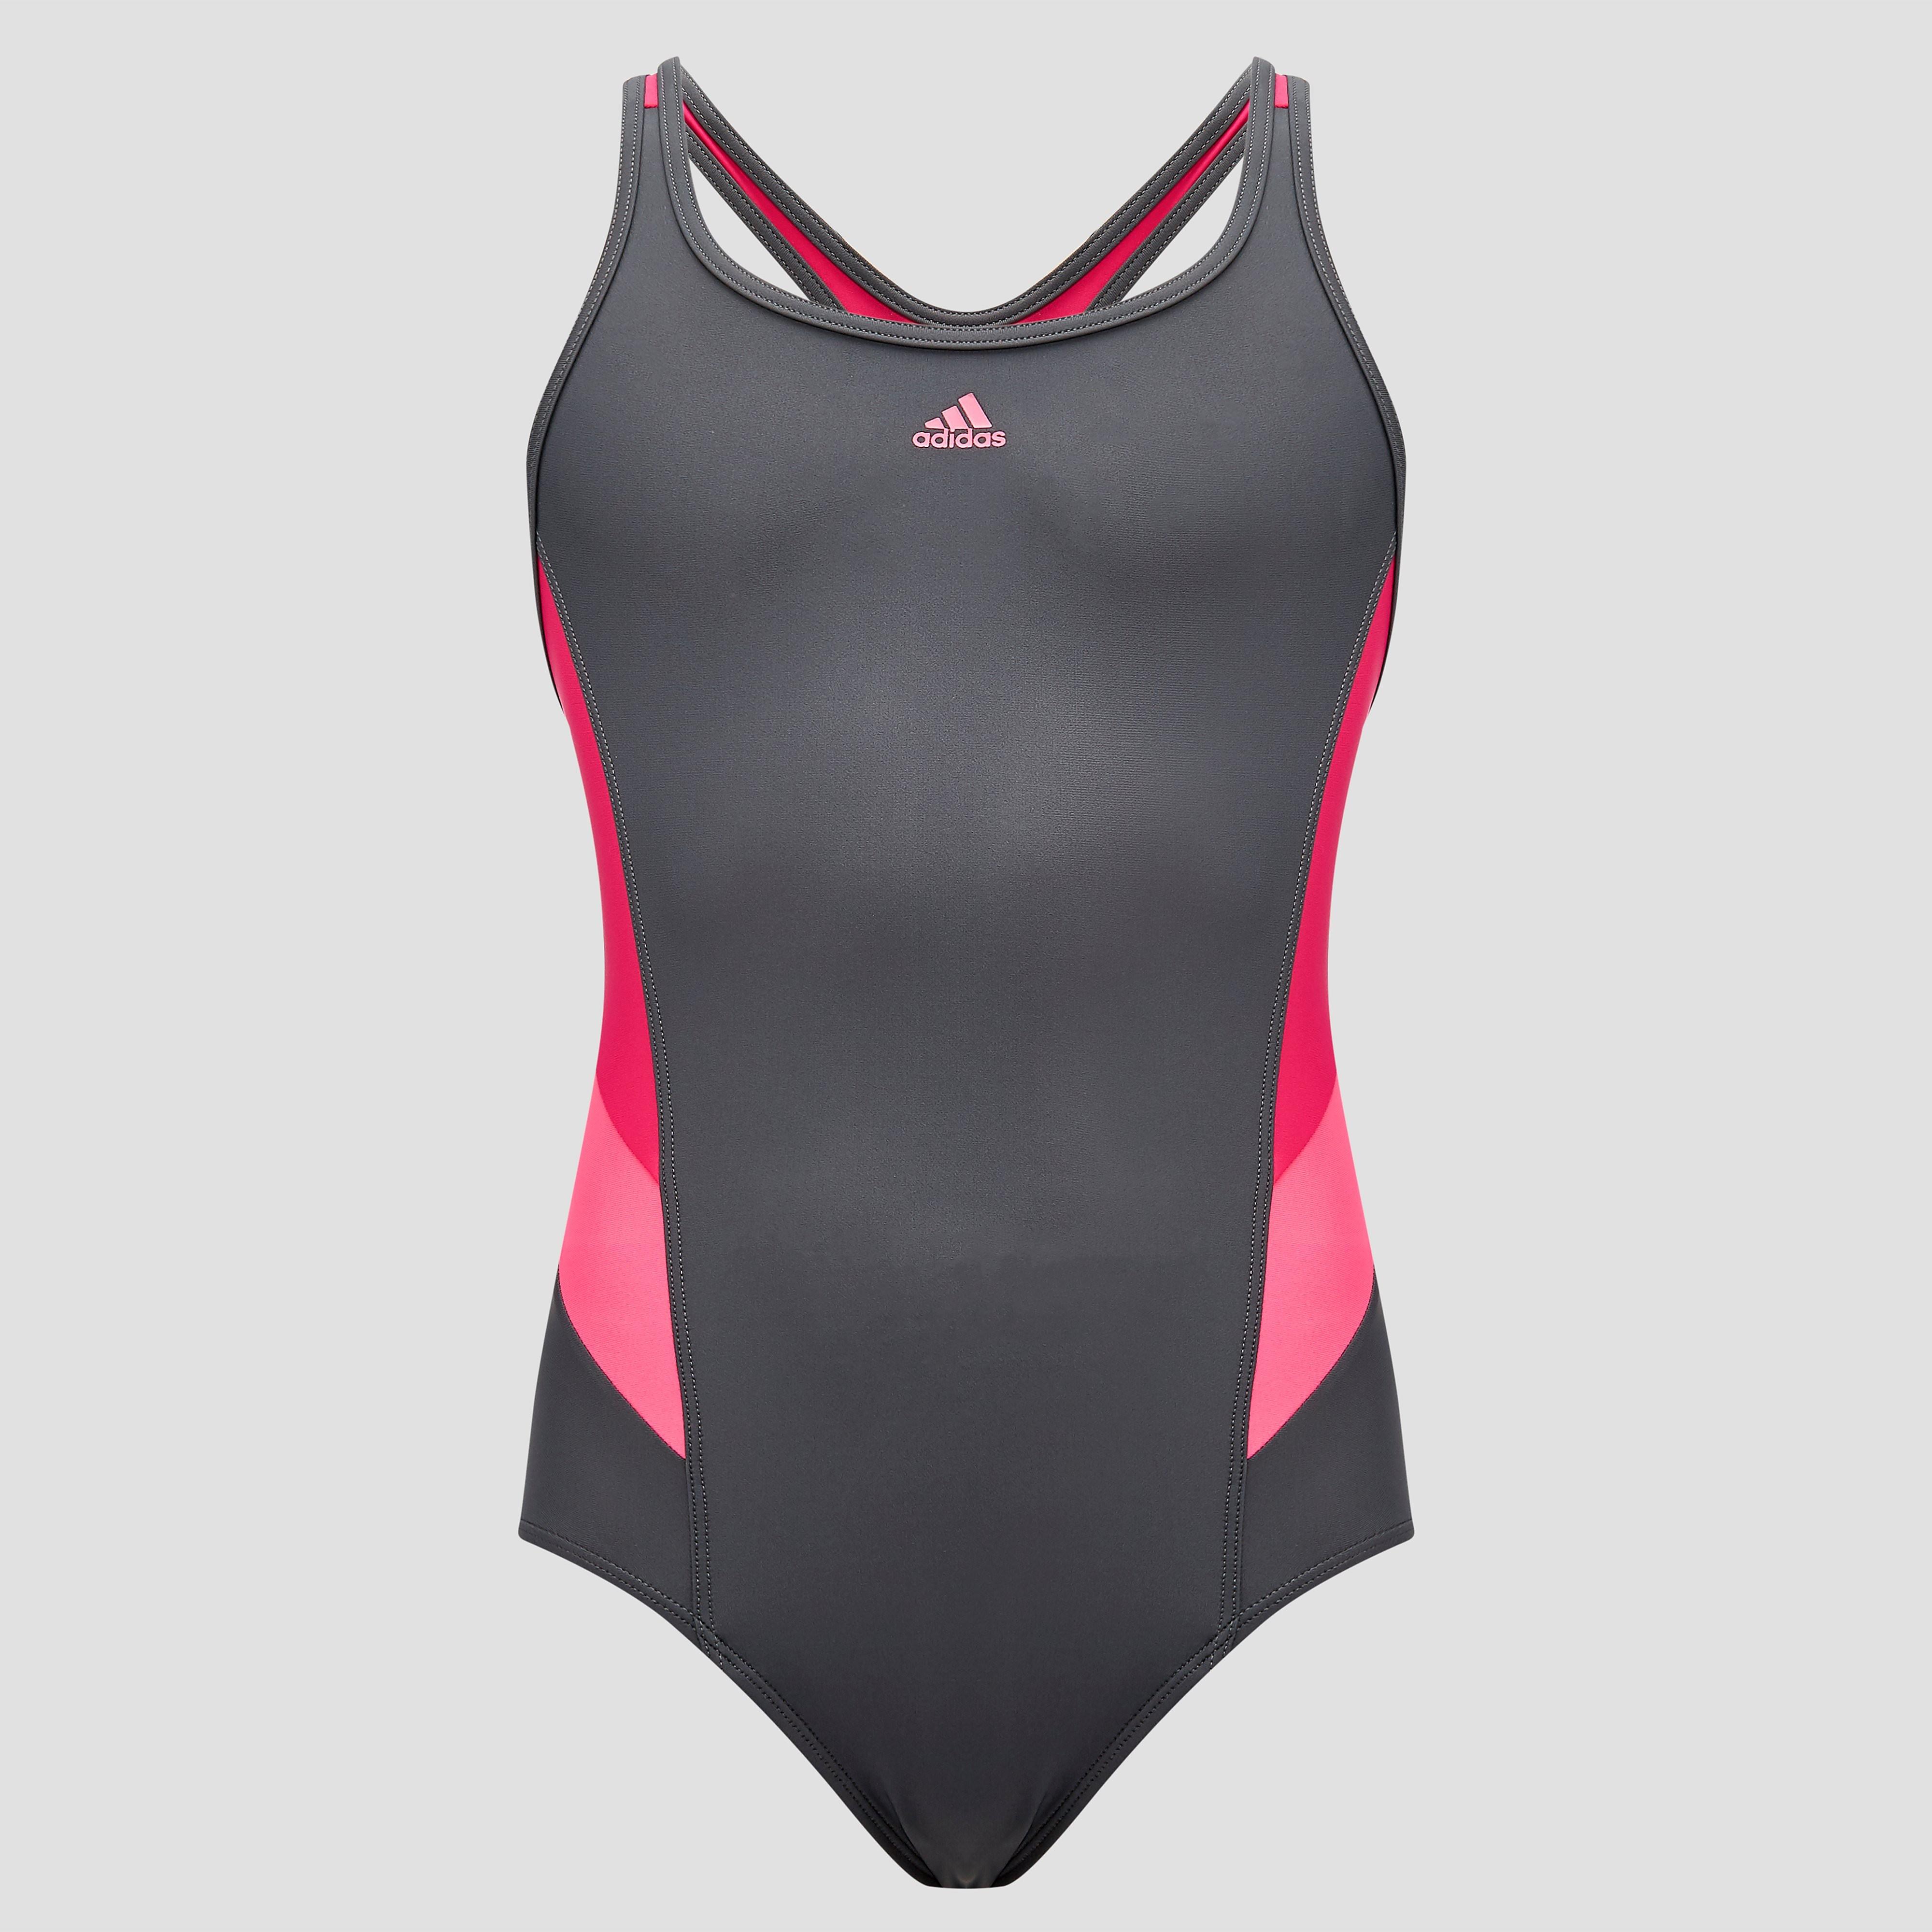 adidas Essence Flare Colorblocked Badpak, Zwart, 128, Zwemmen